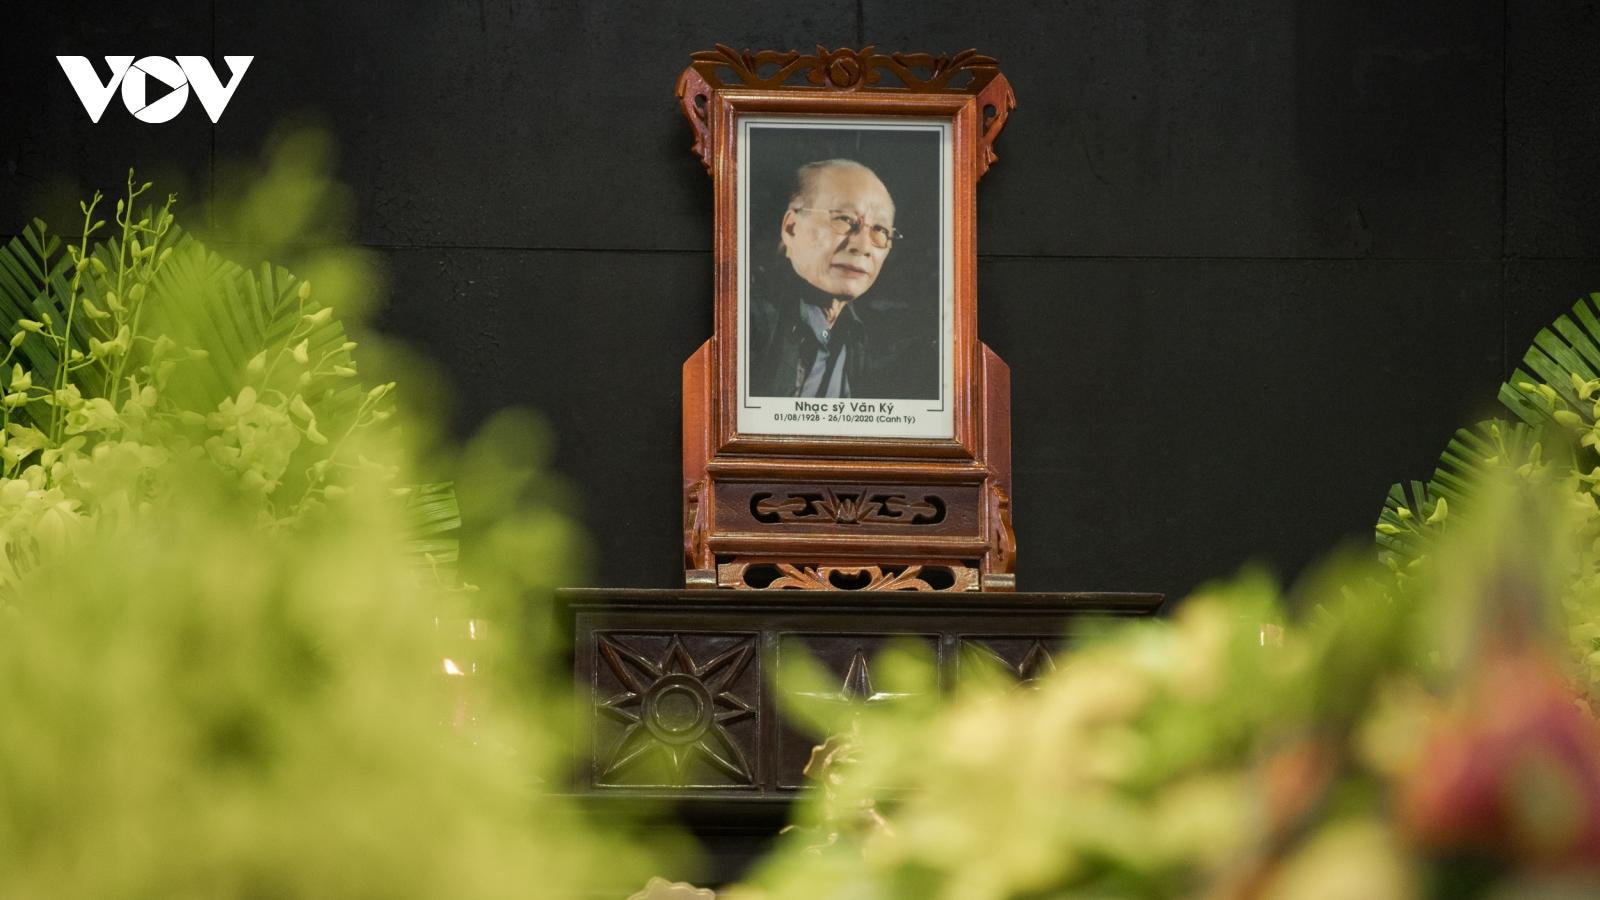 Gia đình, đồng nghiệp tiễn biệt nhạc sĩ Văn Ký về nơi an nghỉ cuối cùng